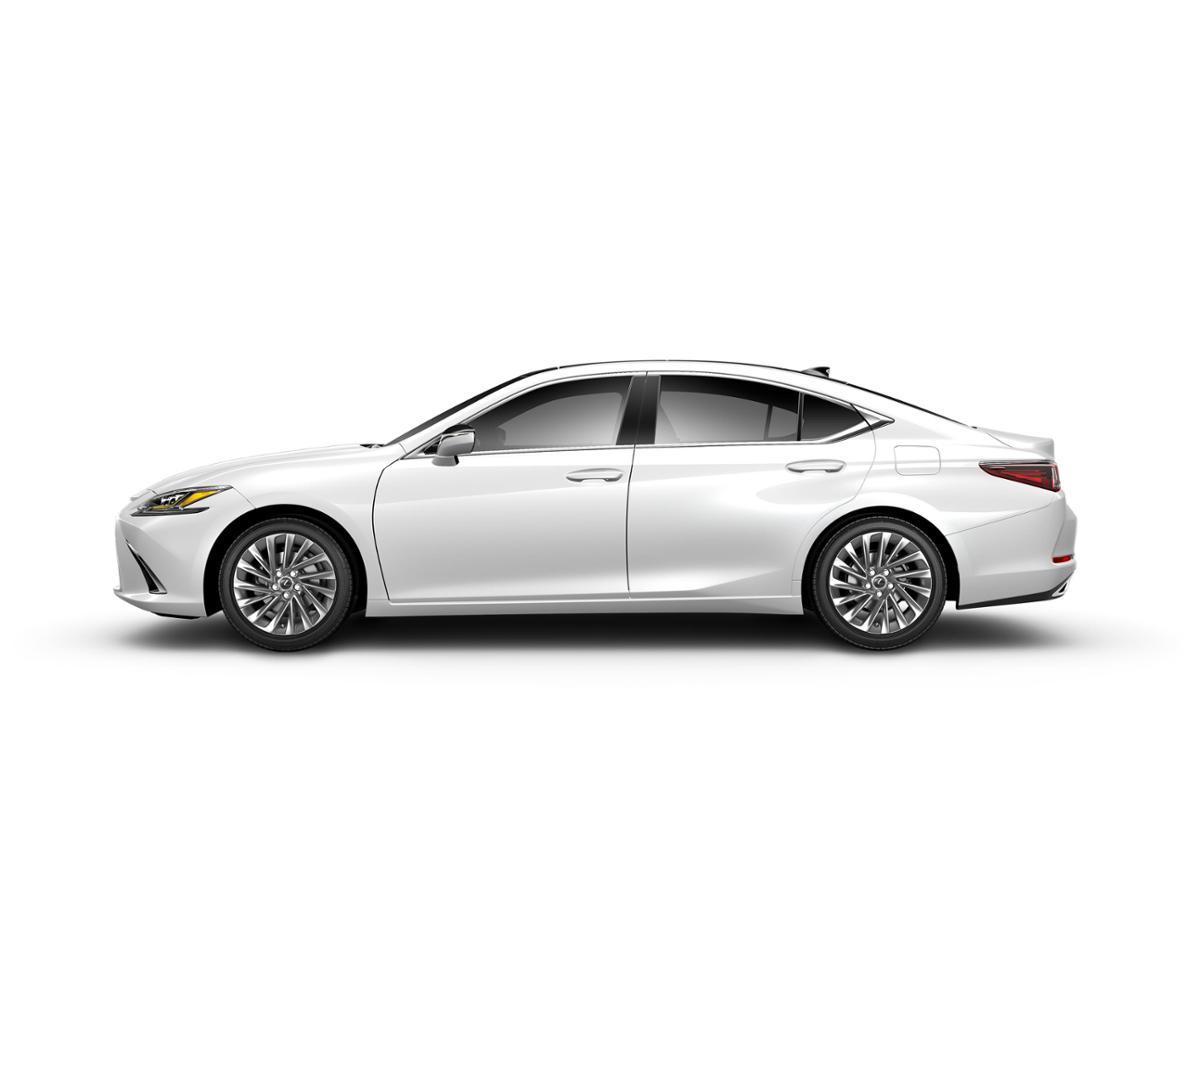 Lexus Of Memphis Used Cars: 2019 Lexus ES 350